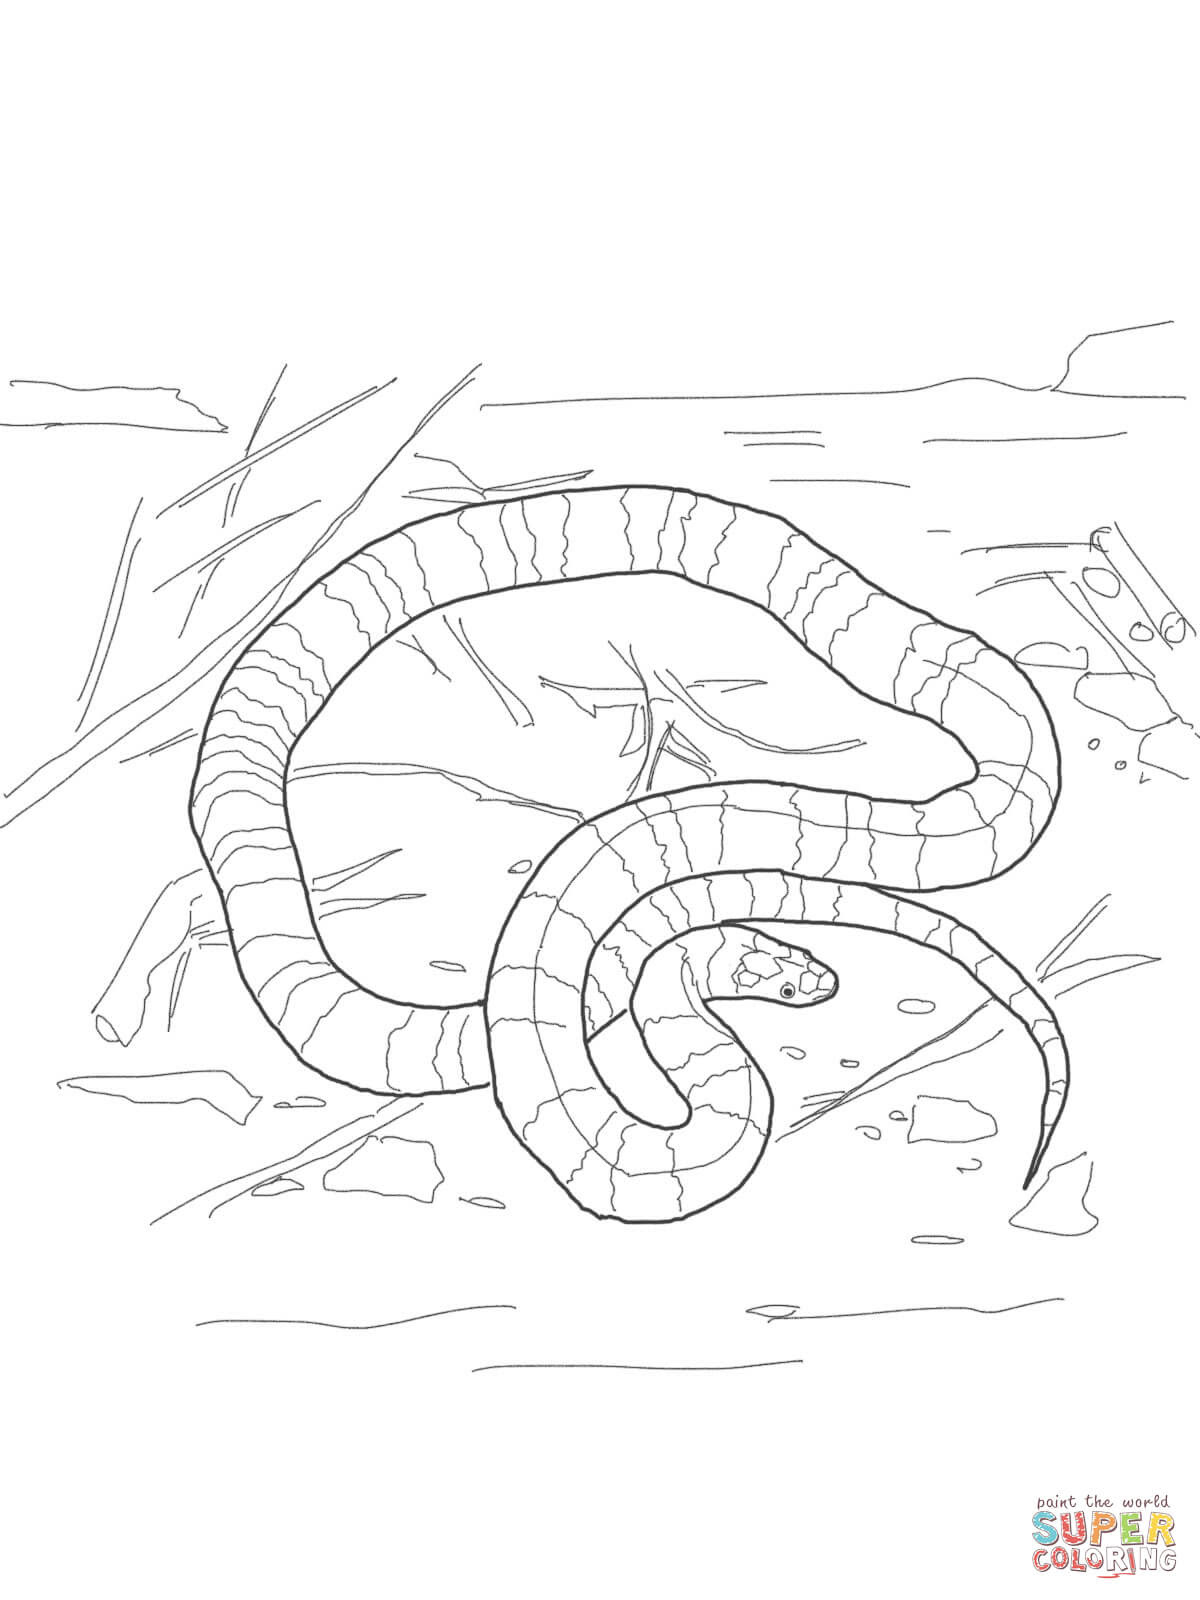 er sur la Serpent corail coloriages pour visualiser la version imprimable ou colorier en ligne patible avec les tablettes iPad et Android